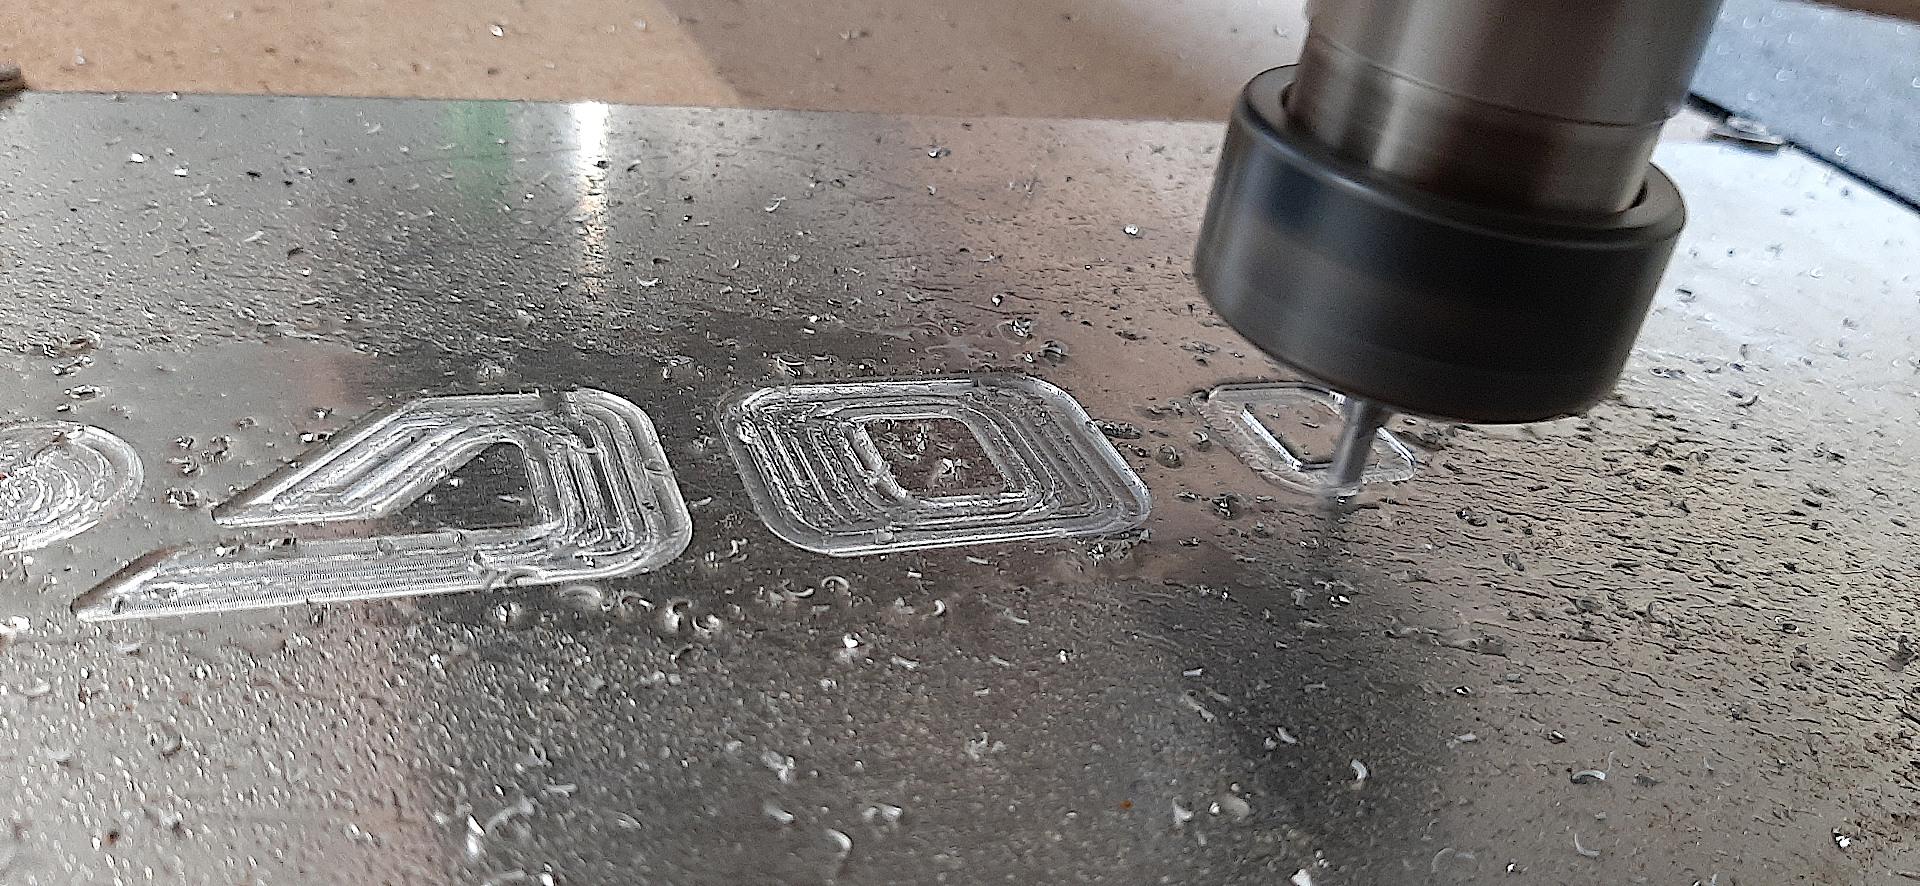 Frezowanie w aluminium napisów